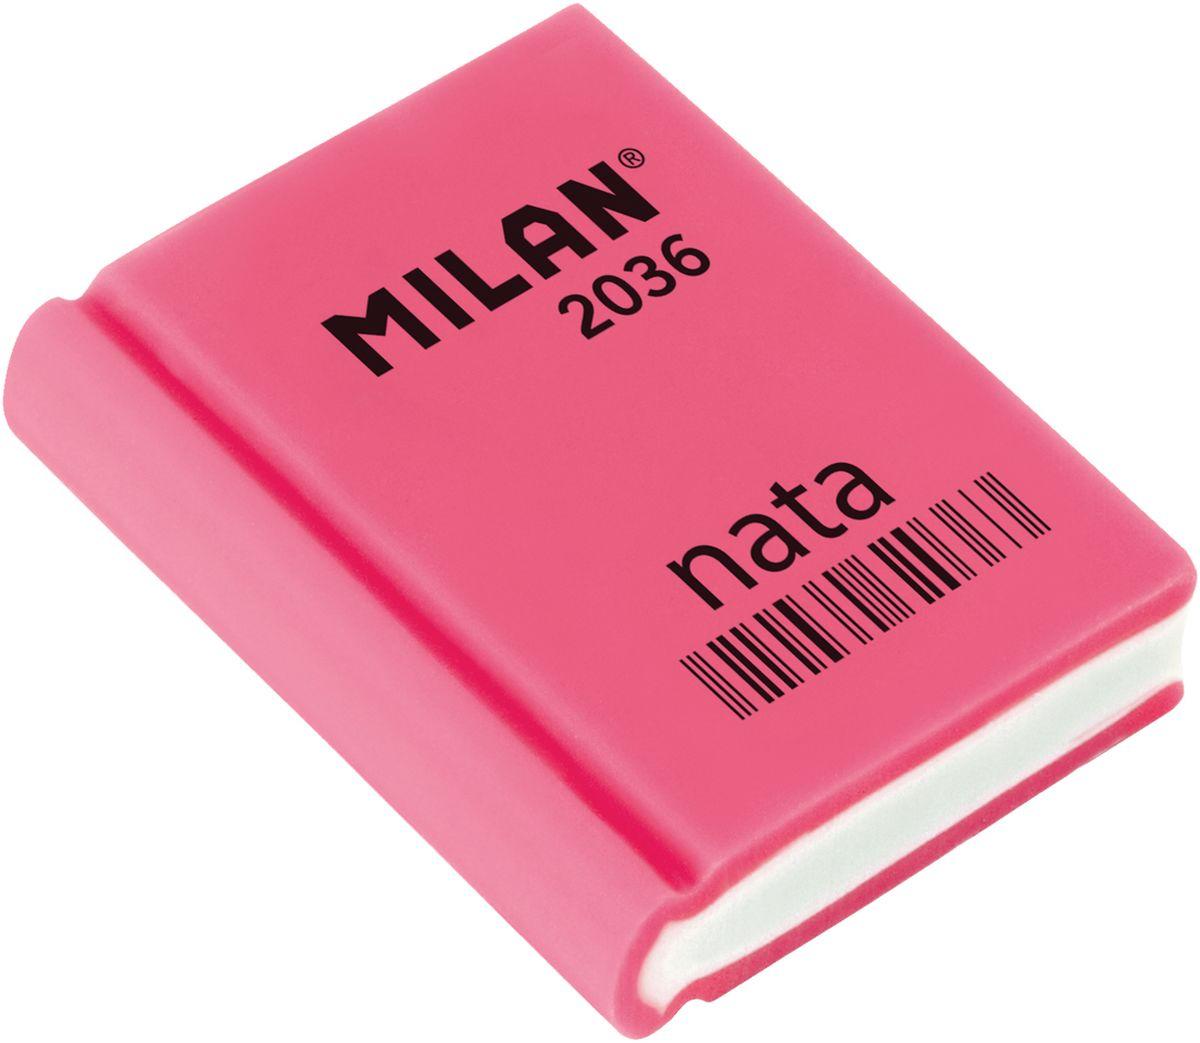 Milan Ластик Nata 2036 прямоугольный цвет розовыйFS-36054Ластик Milan Nata 2036- это универсальный синтетический ластик. Широкий спектр применения. Яркие неоновые цвета, плотная структура. Высокие абсорбирующие показатели.